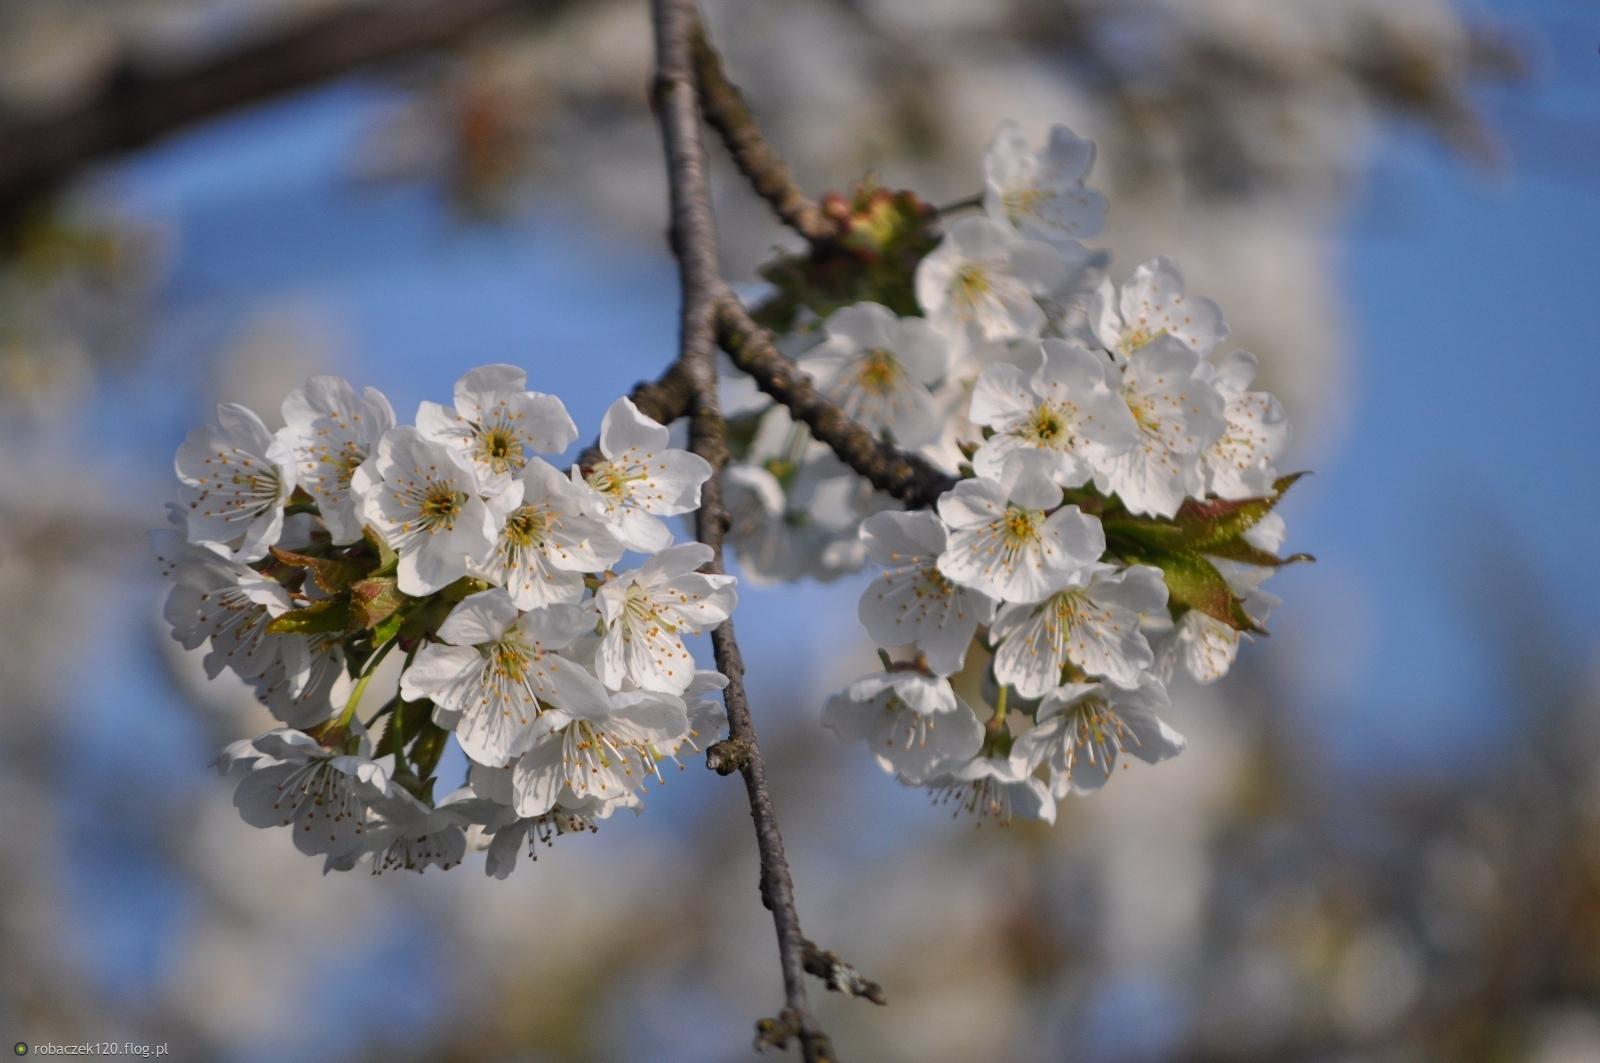 Gałązka wiosenna...